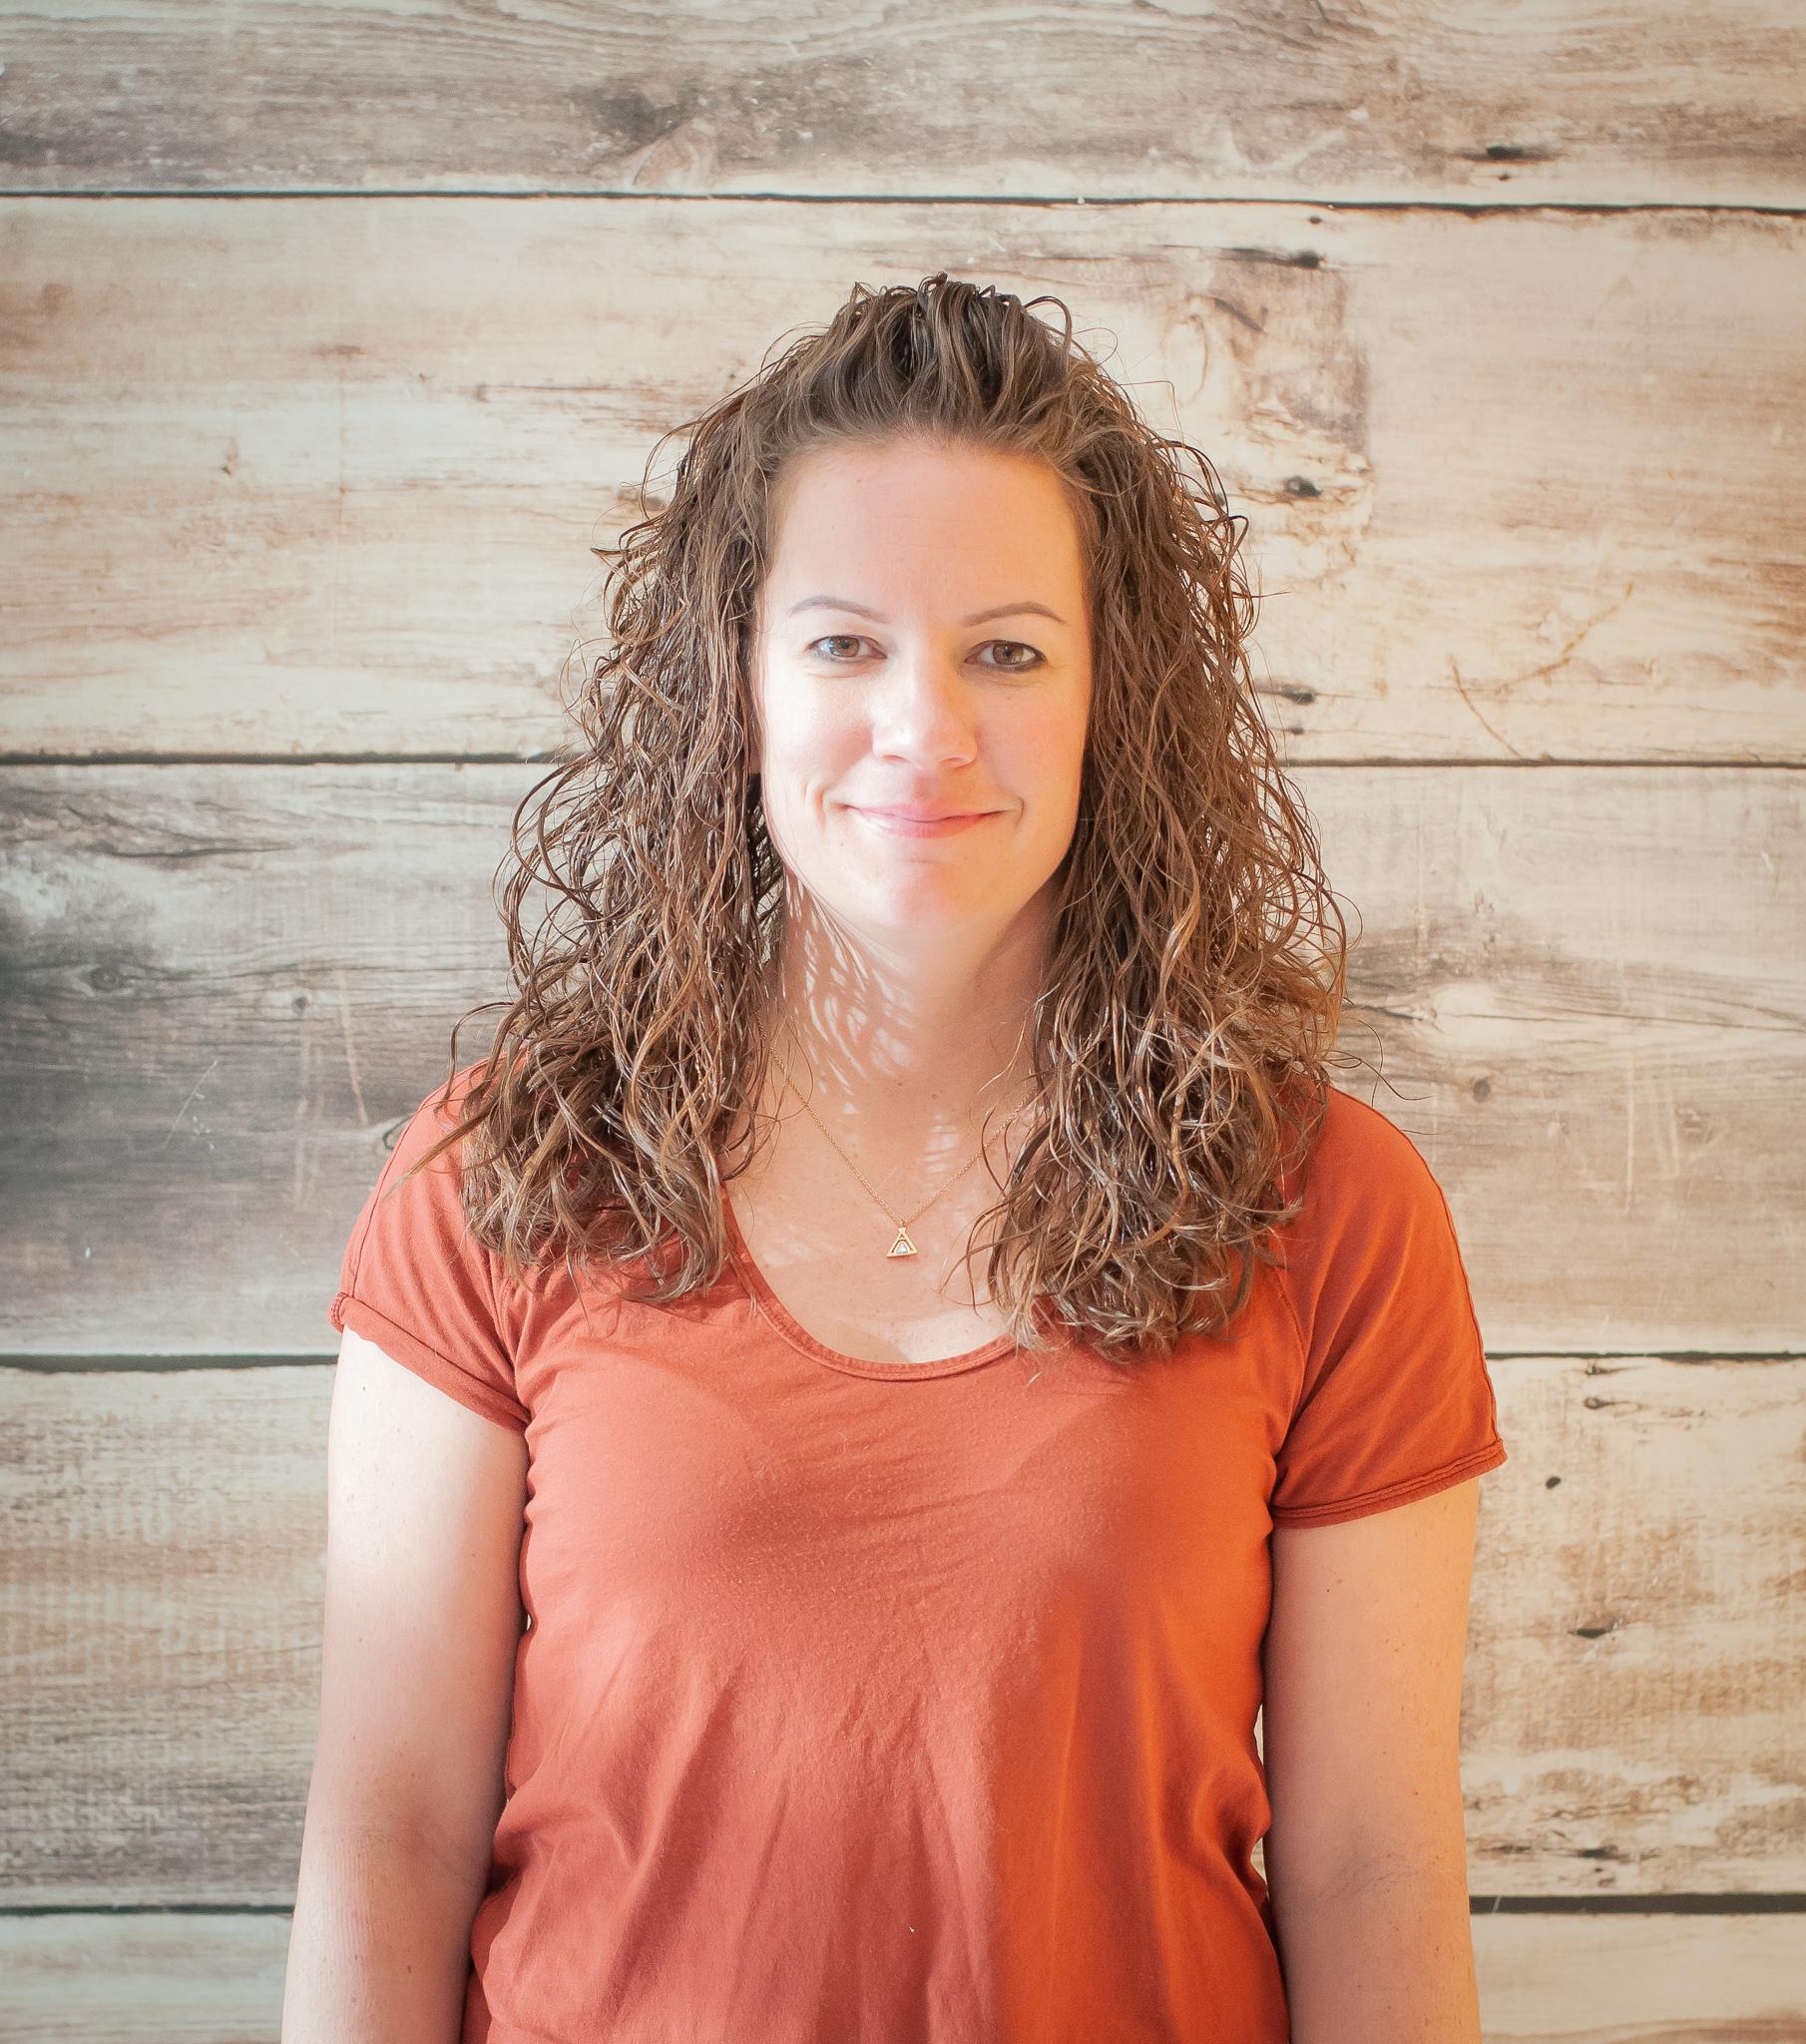 Ashley Rosser